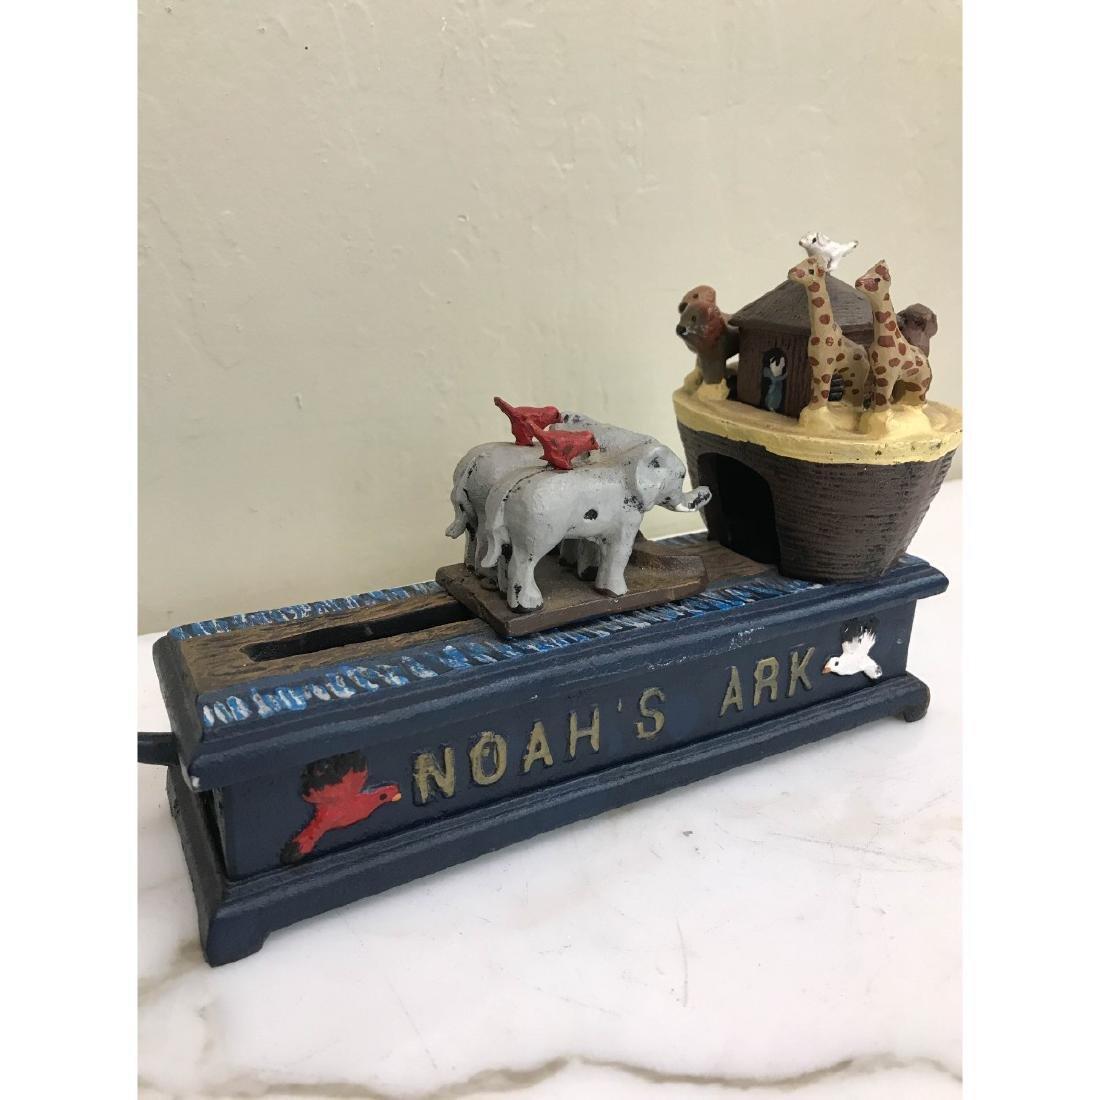 Noah's Ark Mechanical Bank - 3